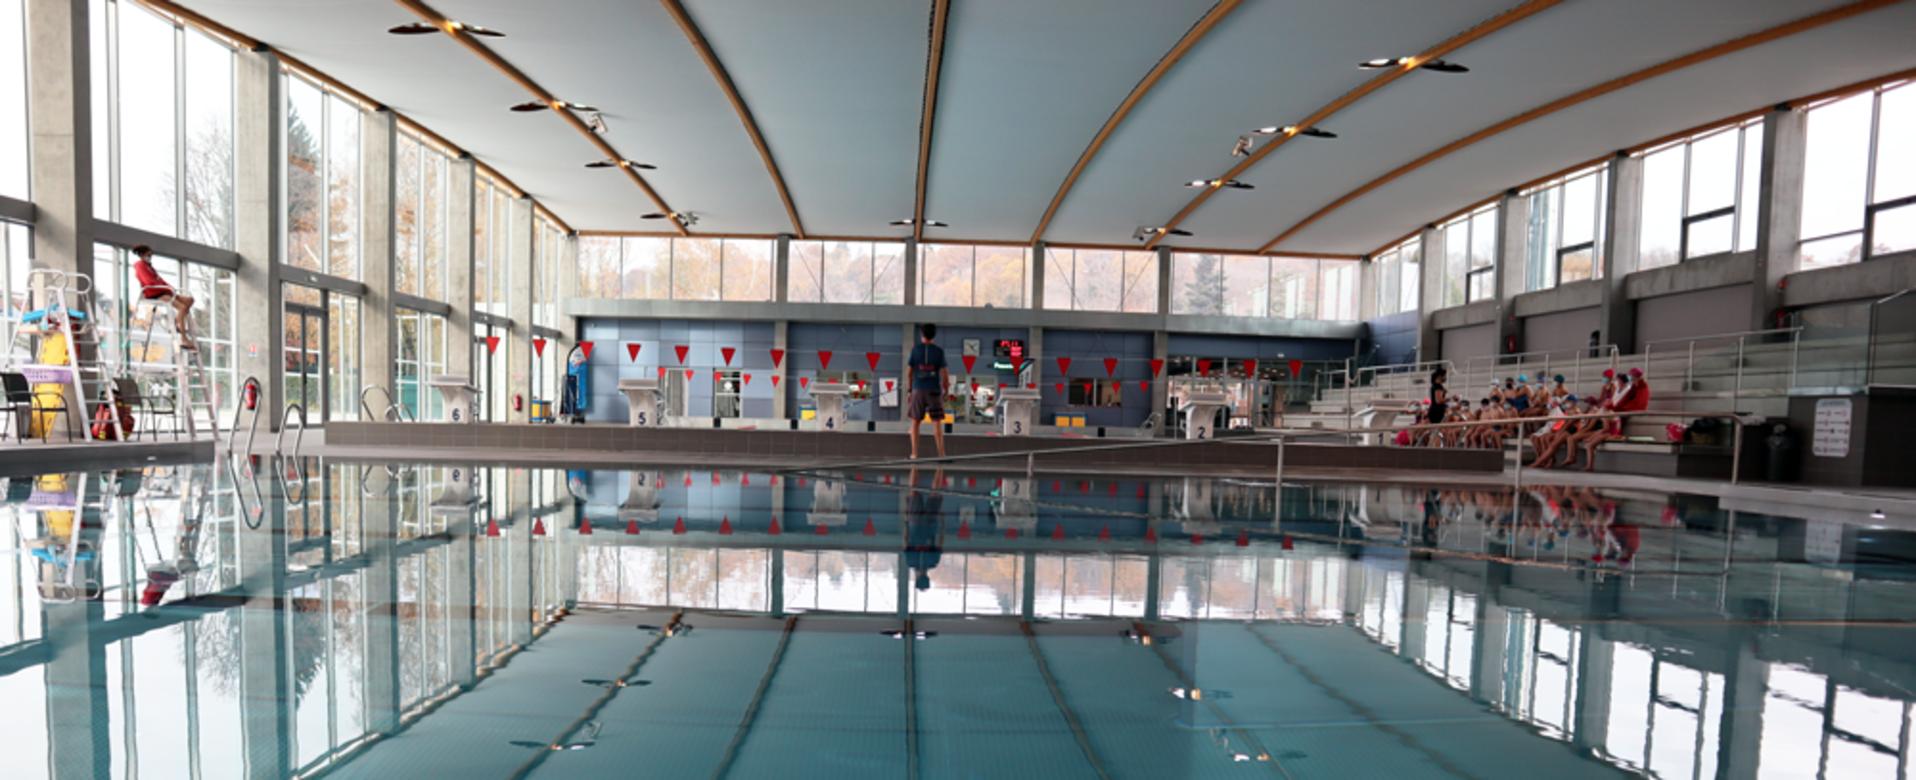 Le Complexe Aquatique de Lourdes est ouvert pour le public autorisé